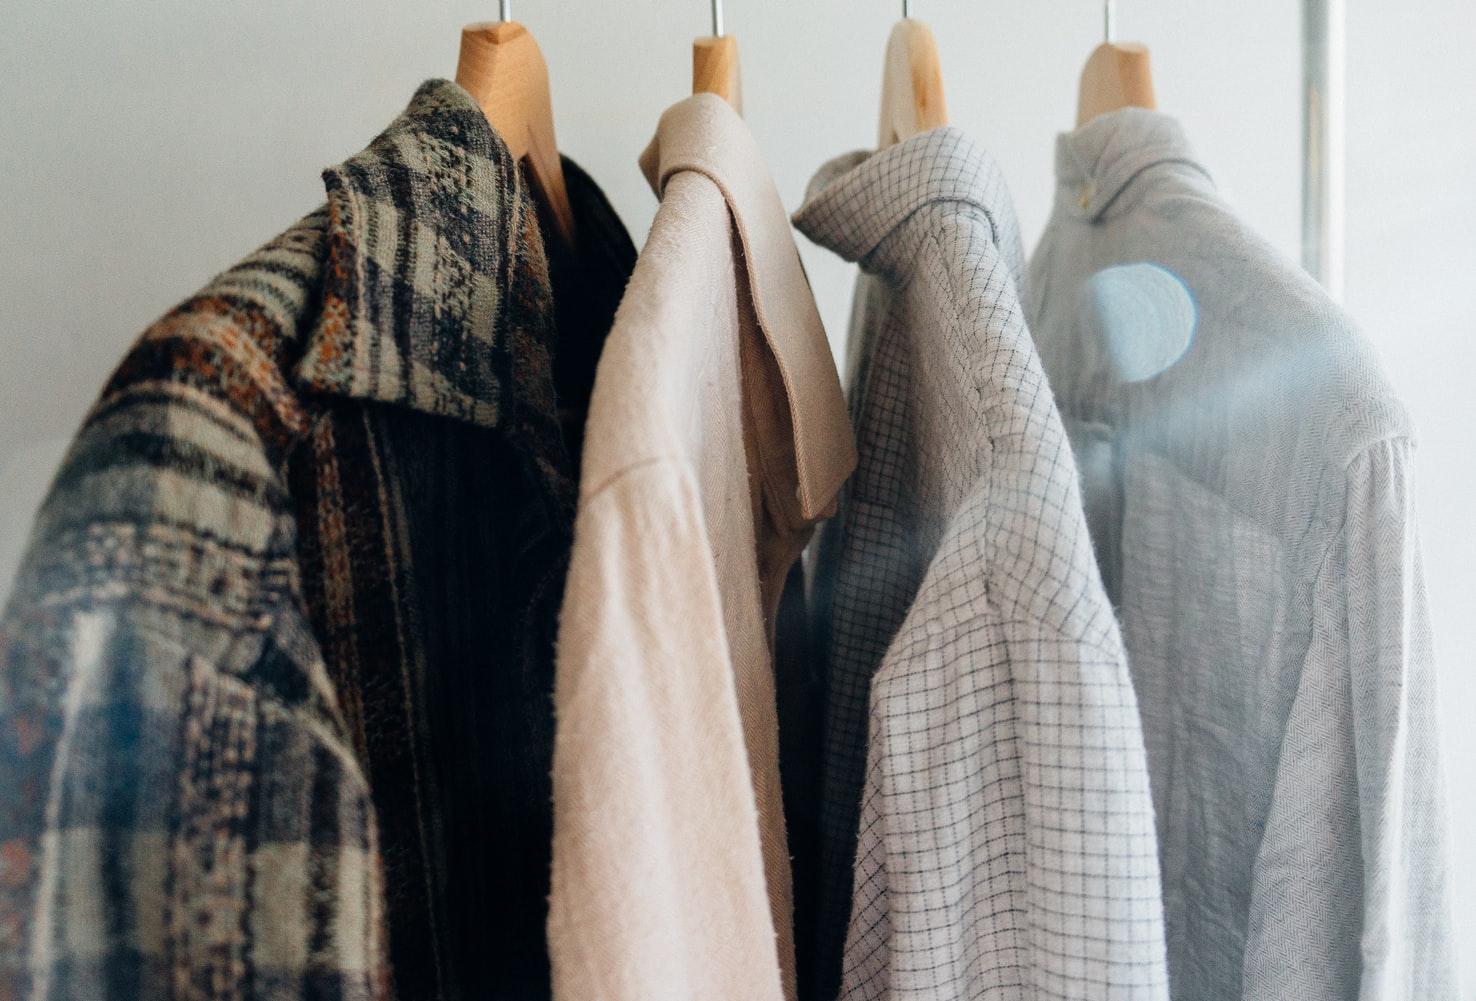 Vemos algumas roupas com ar de brechó penduradas em cabides (imagem ilustrativa).